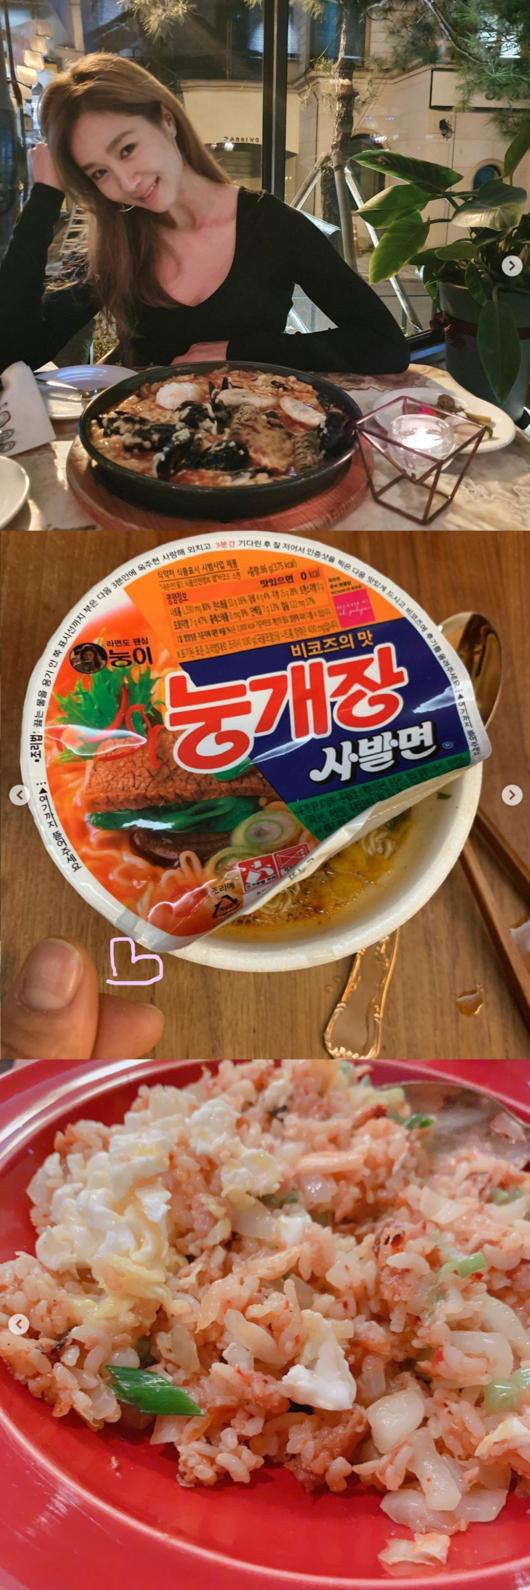 [사진] 옥주현 SNS